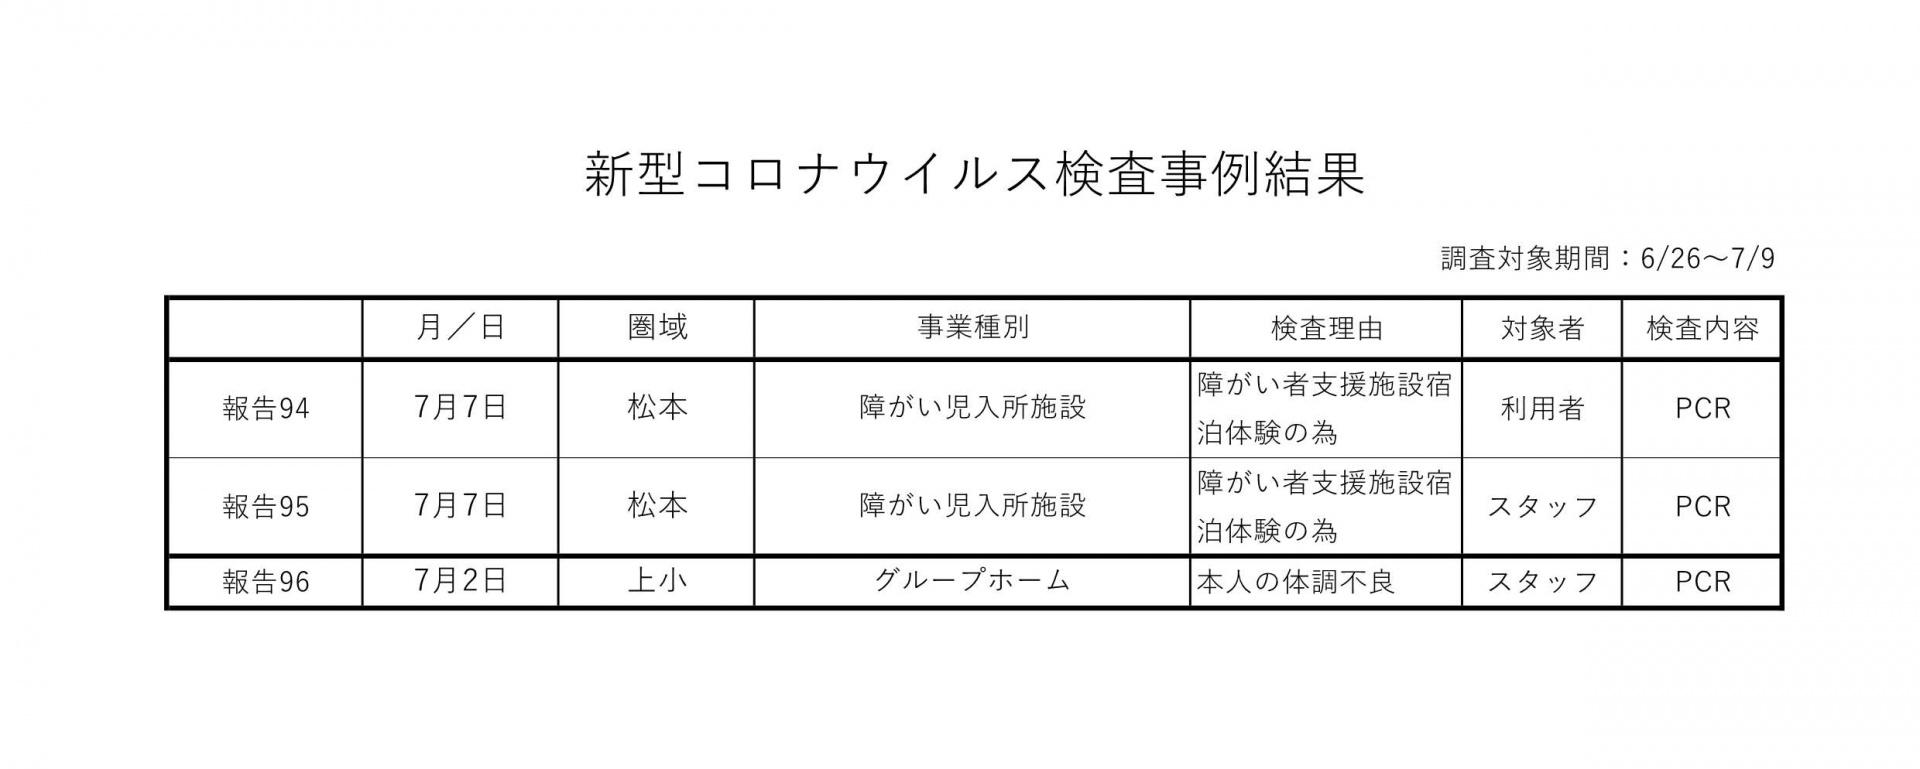 新型コロナウイルス検査事例結果6-26~7-9